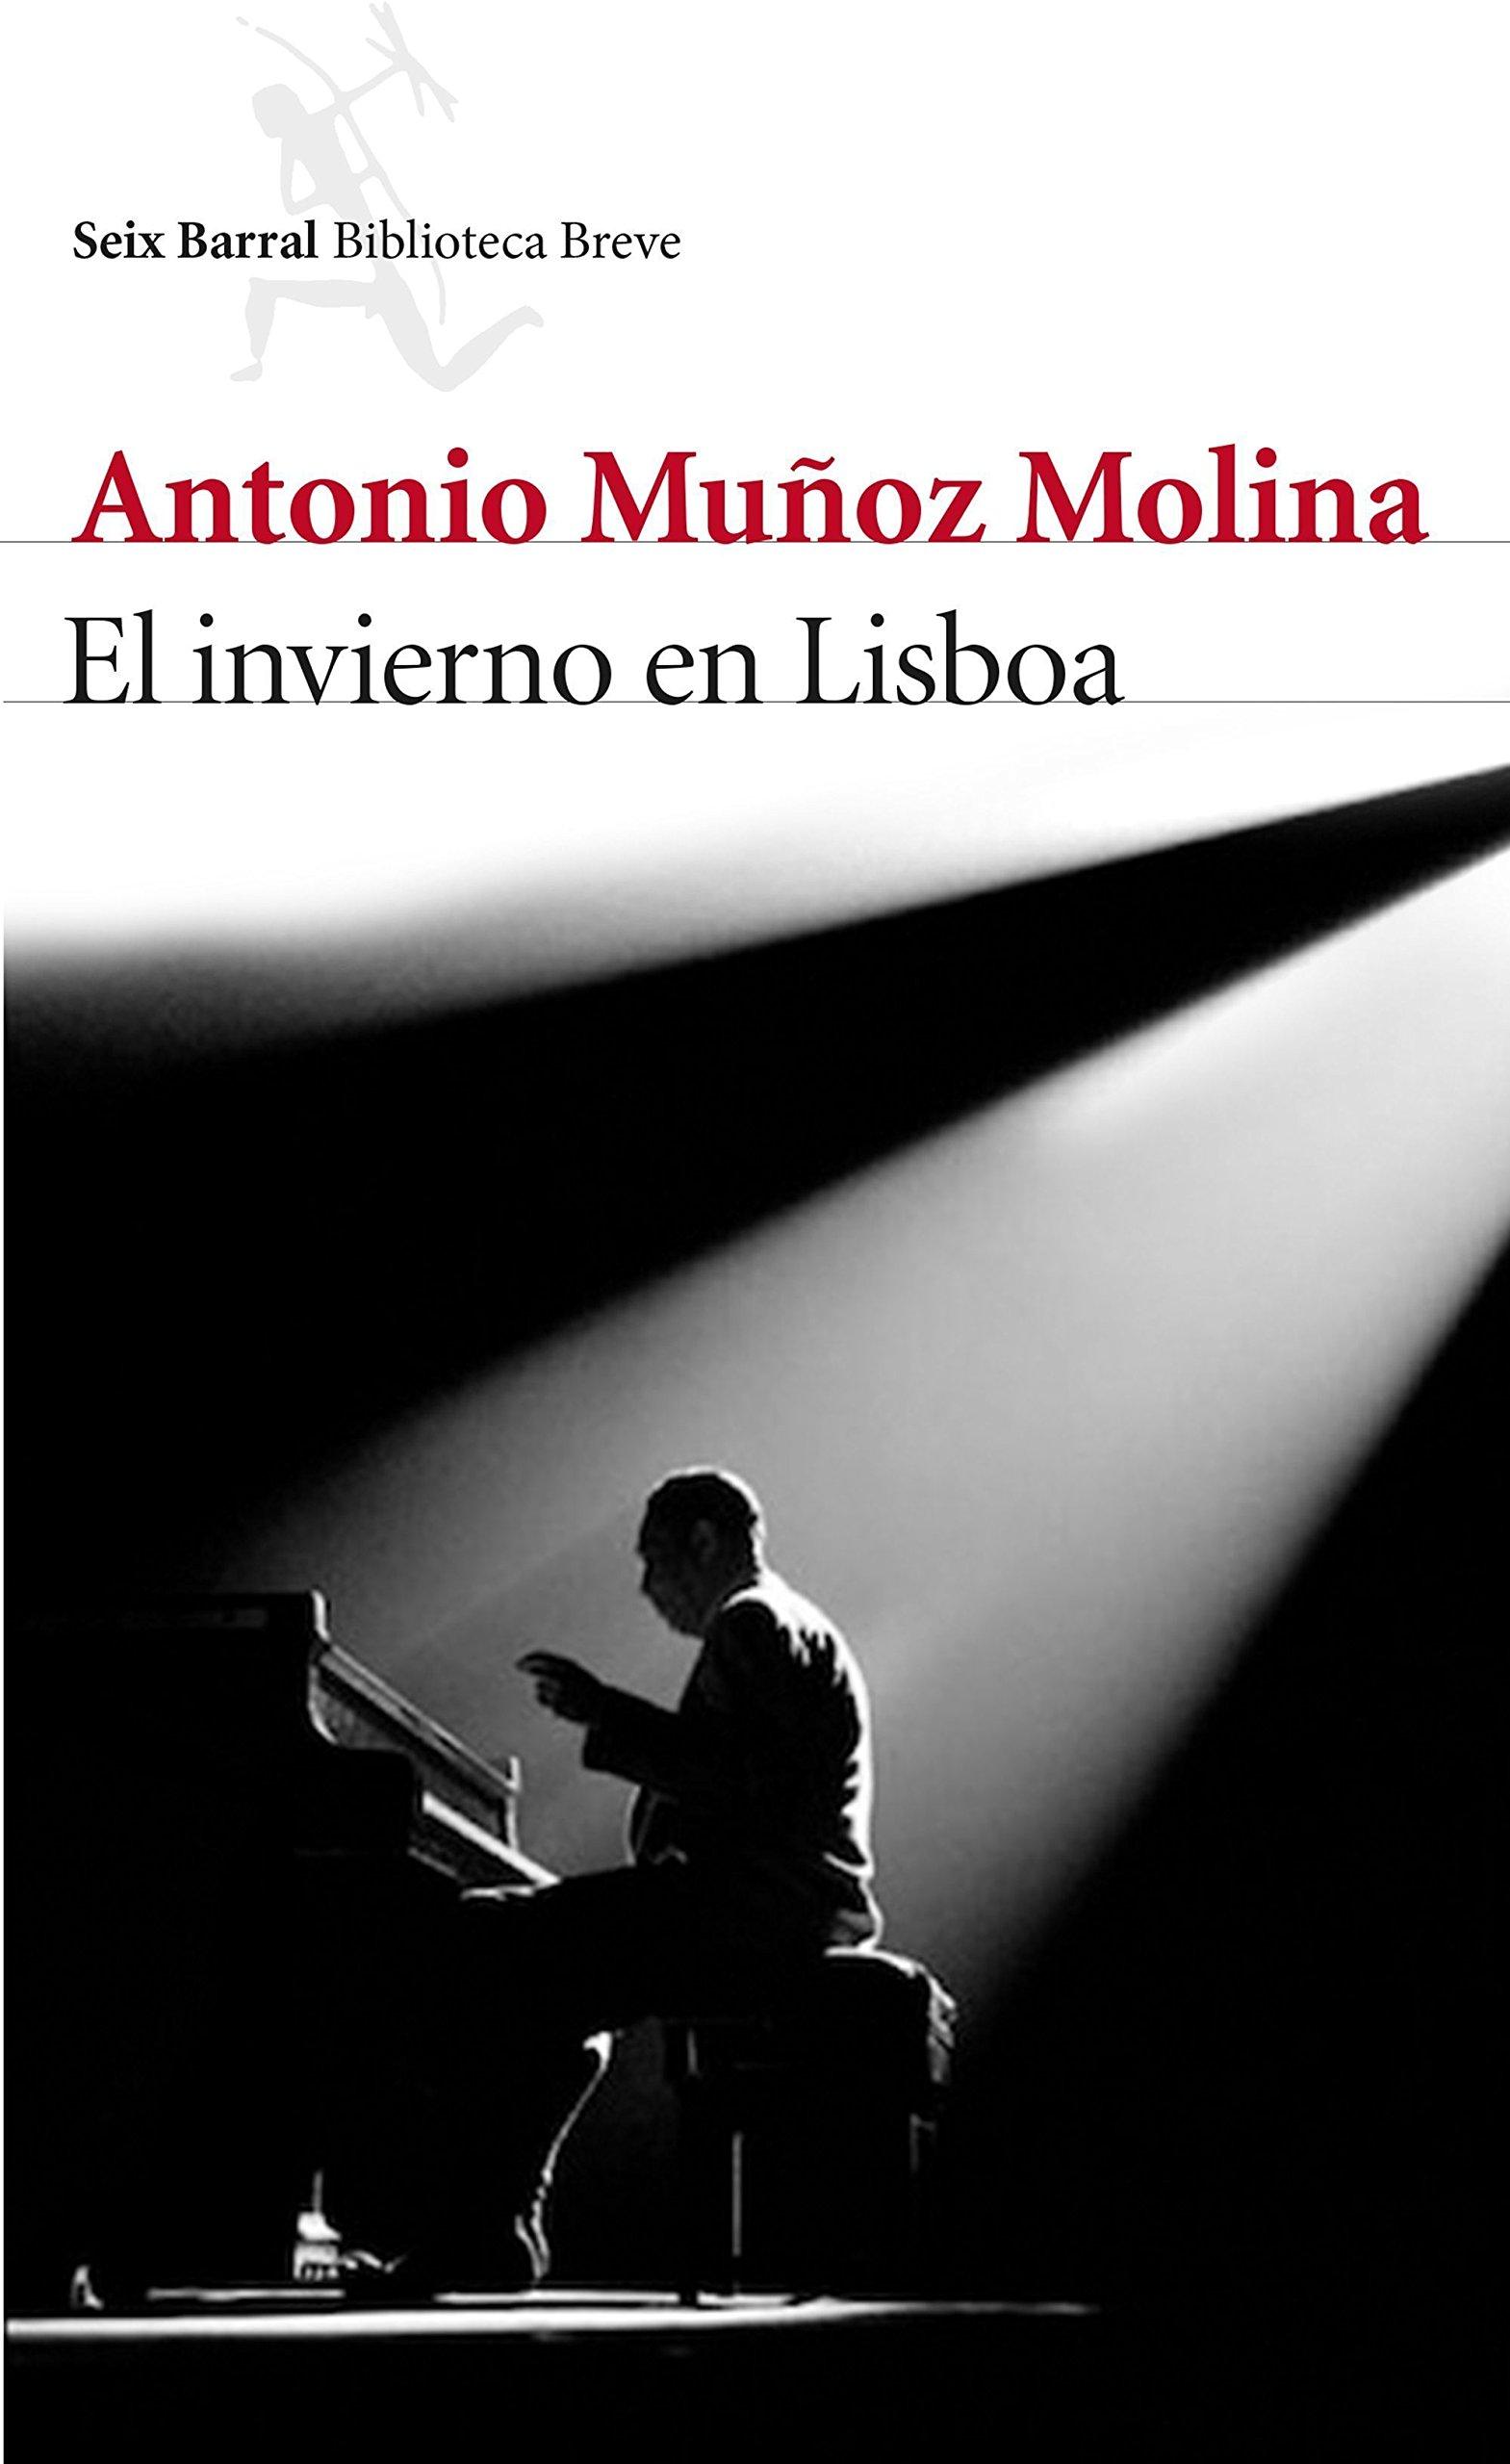 El invierno en Lisboa (Biblioteca Breve): Amazon.es: Muñoz Molina, Antonio: Libros